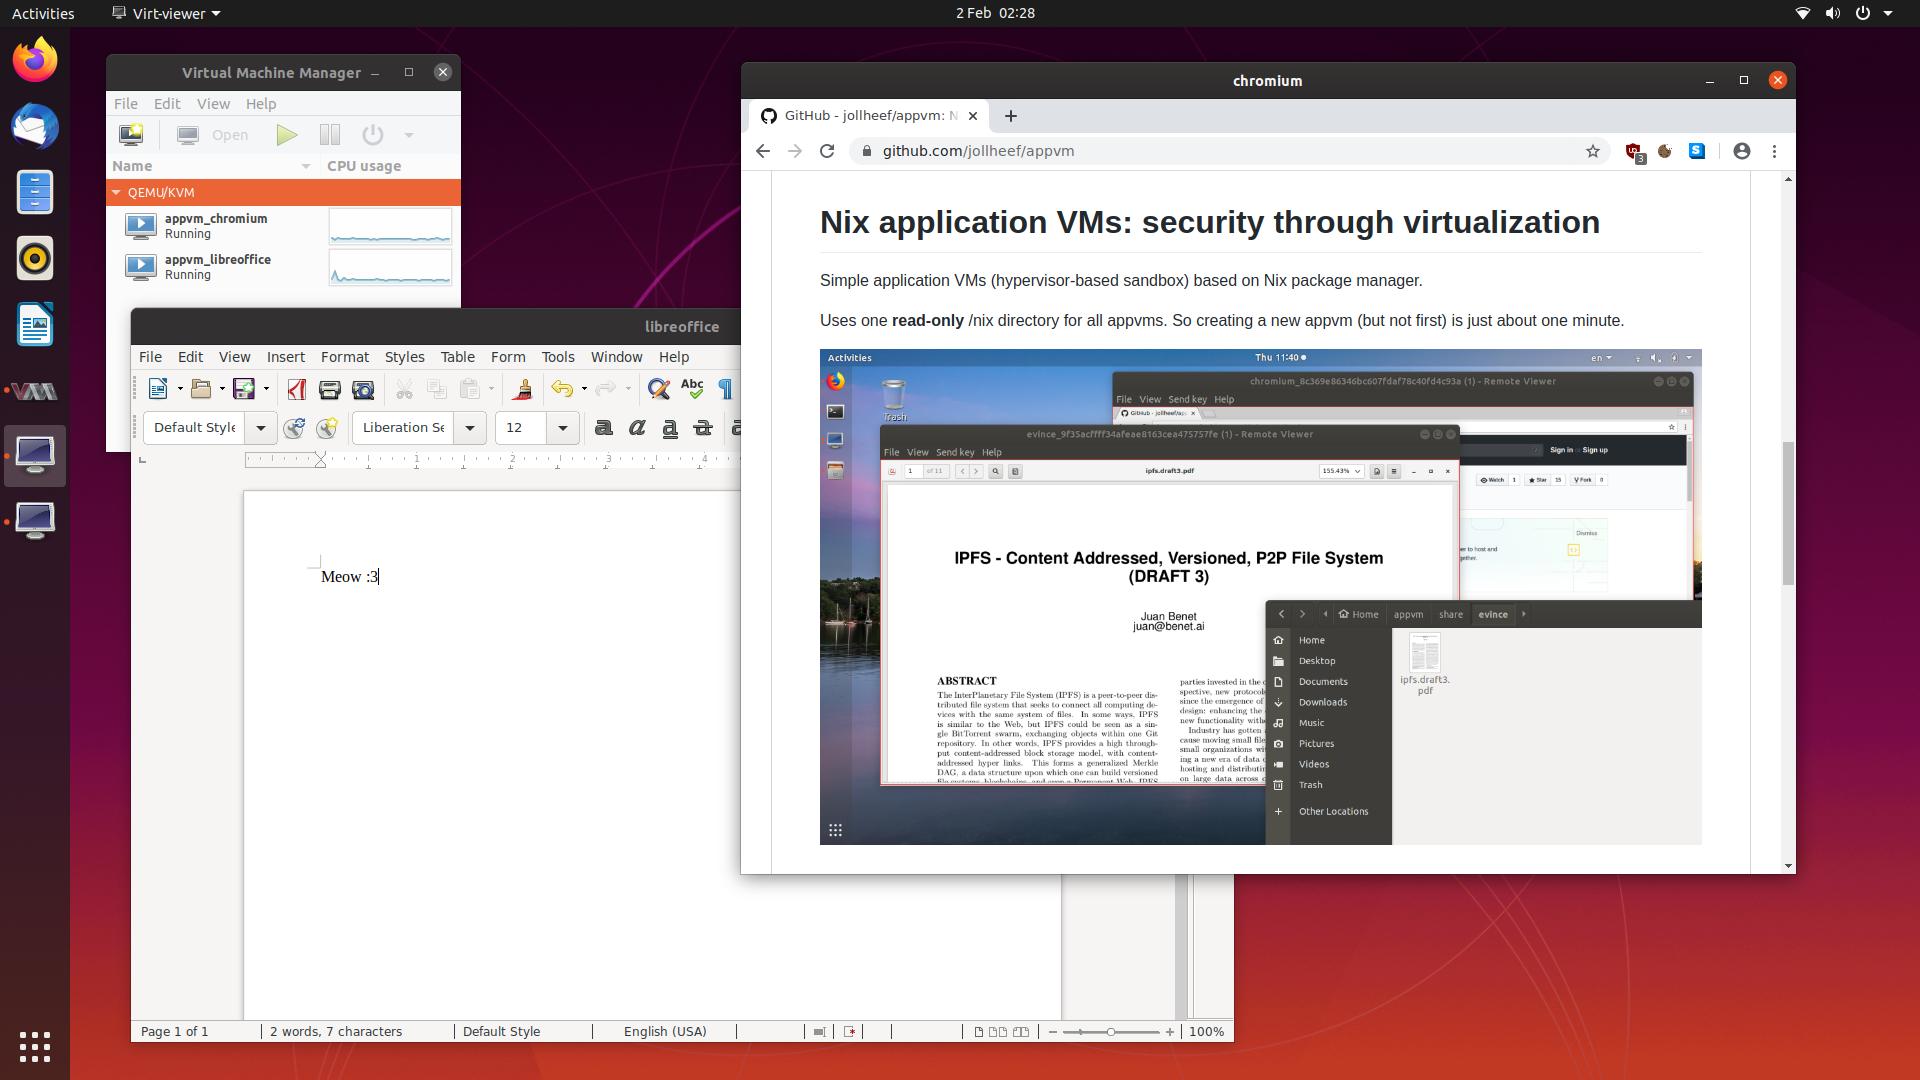 appvm screenshot